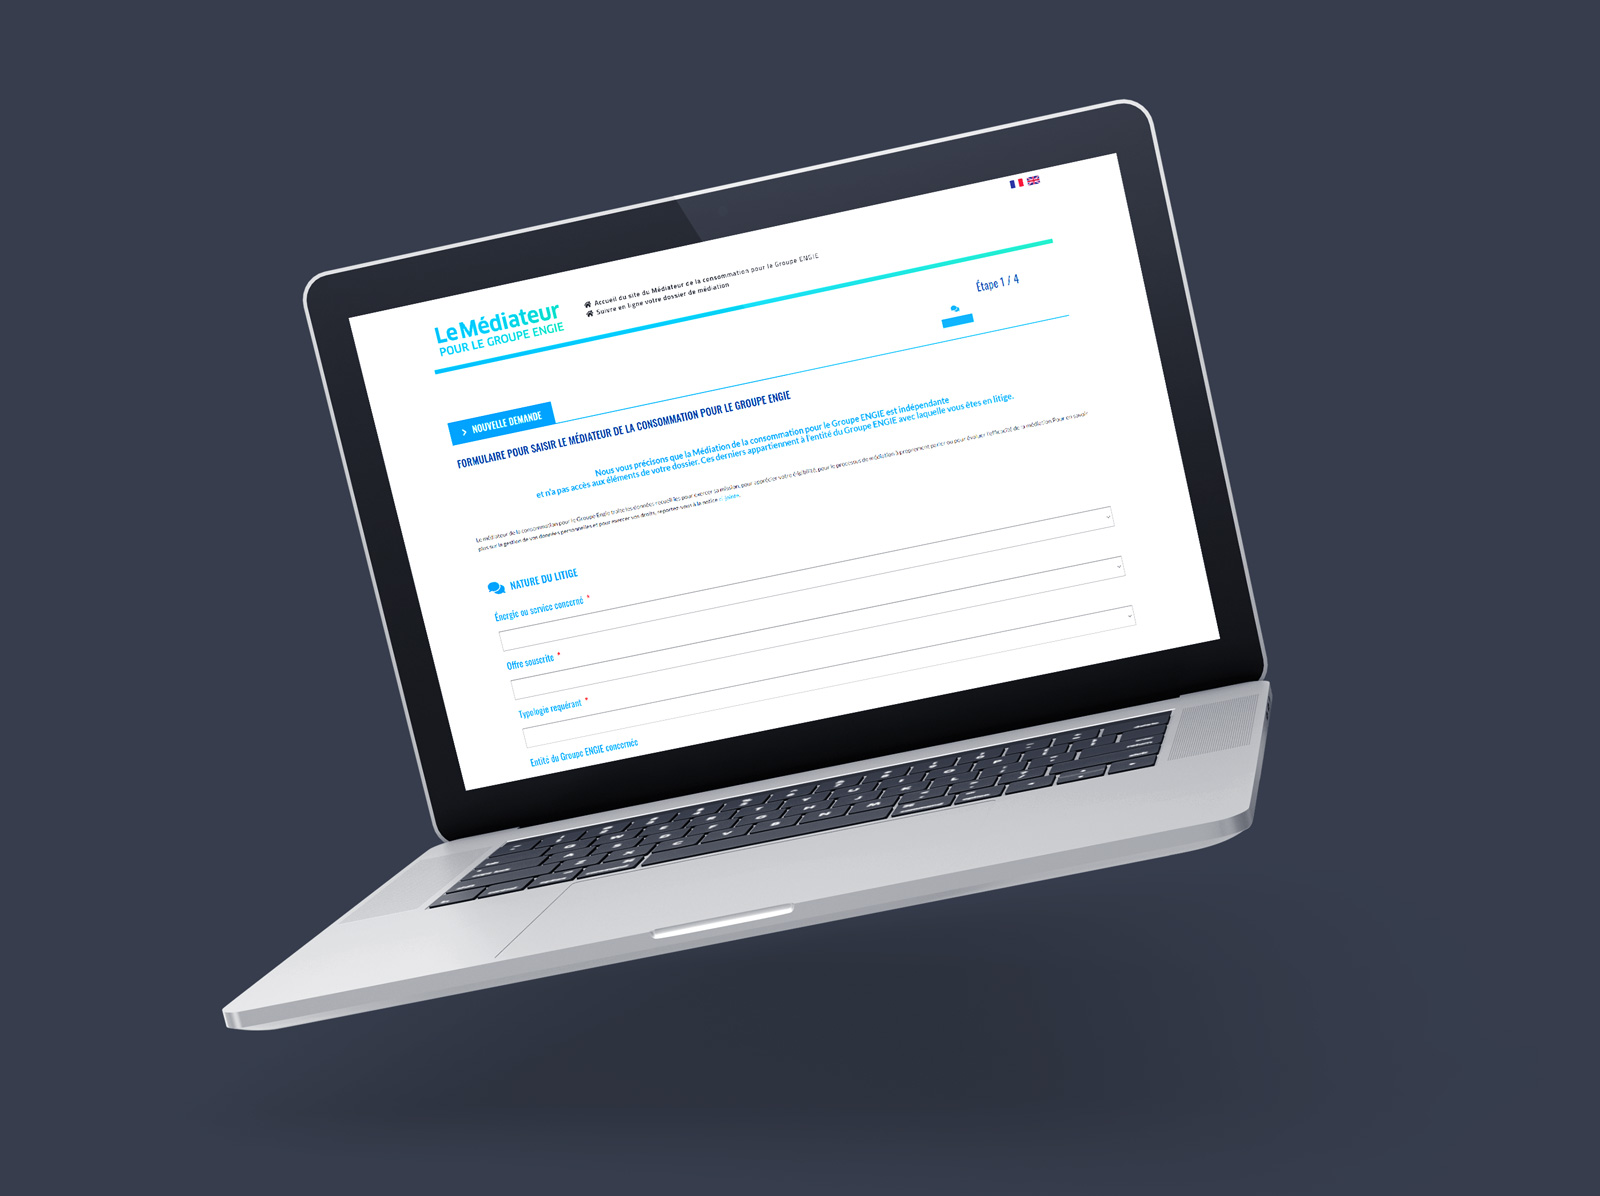 ENGIE médiateur site web